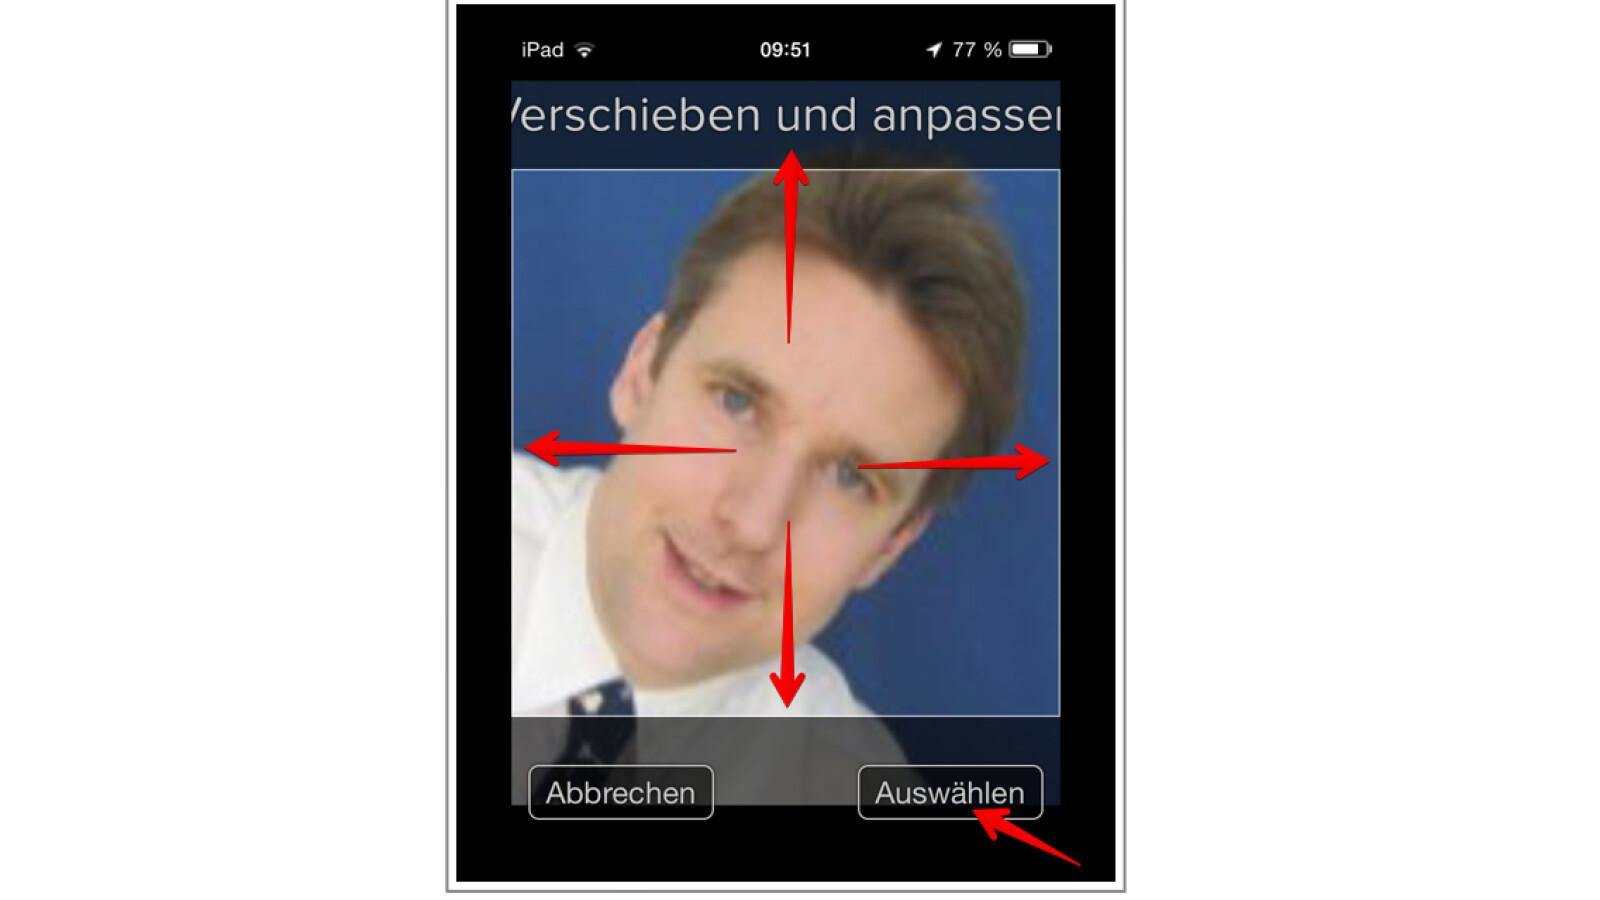 So ändert ihr das Tinder-Profilbild über Facebook   NETZWELT